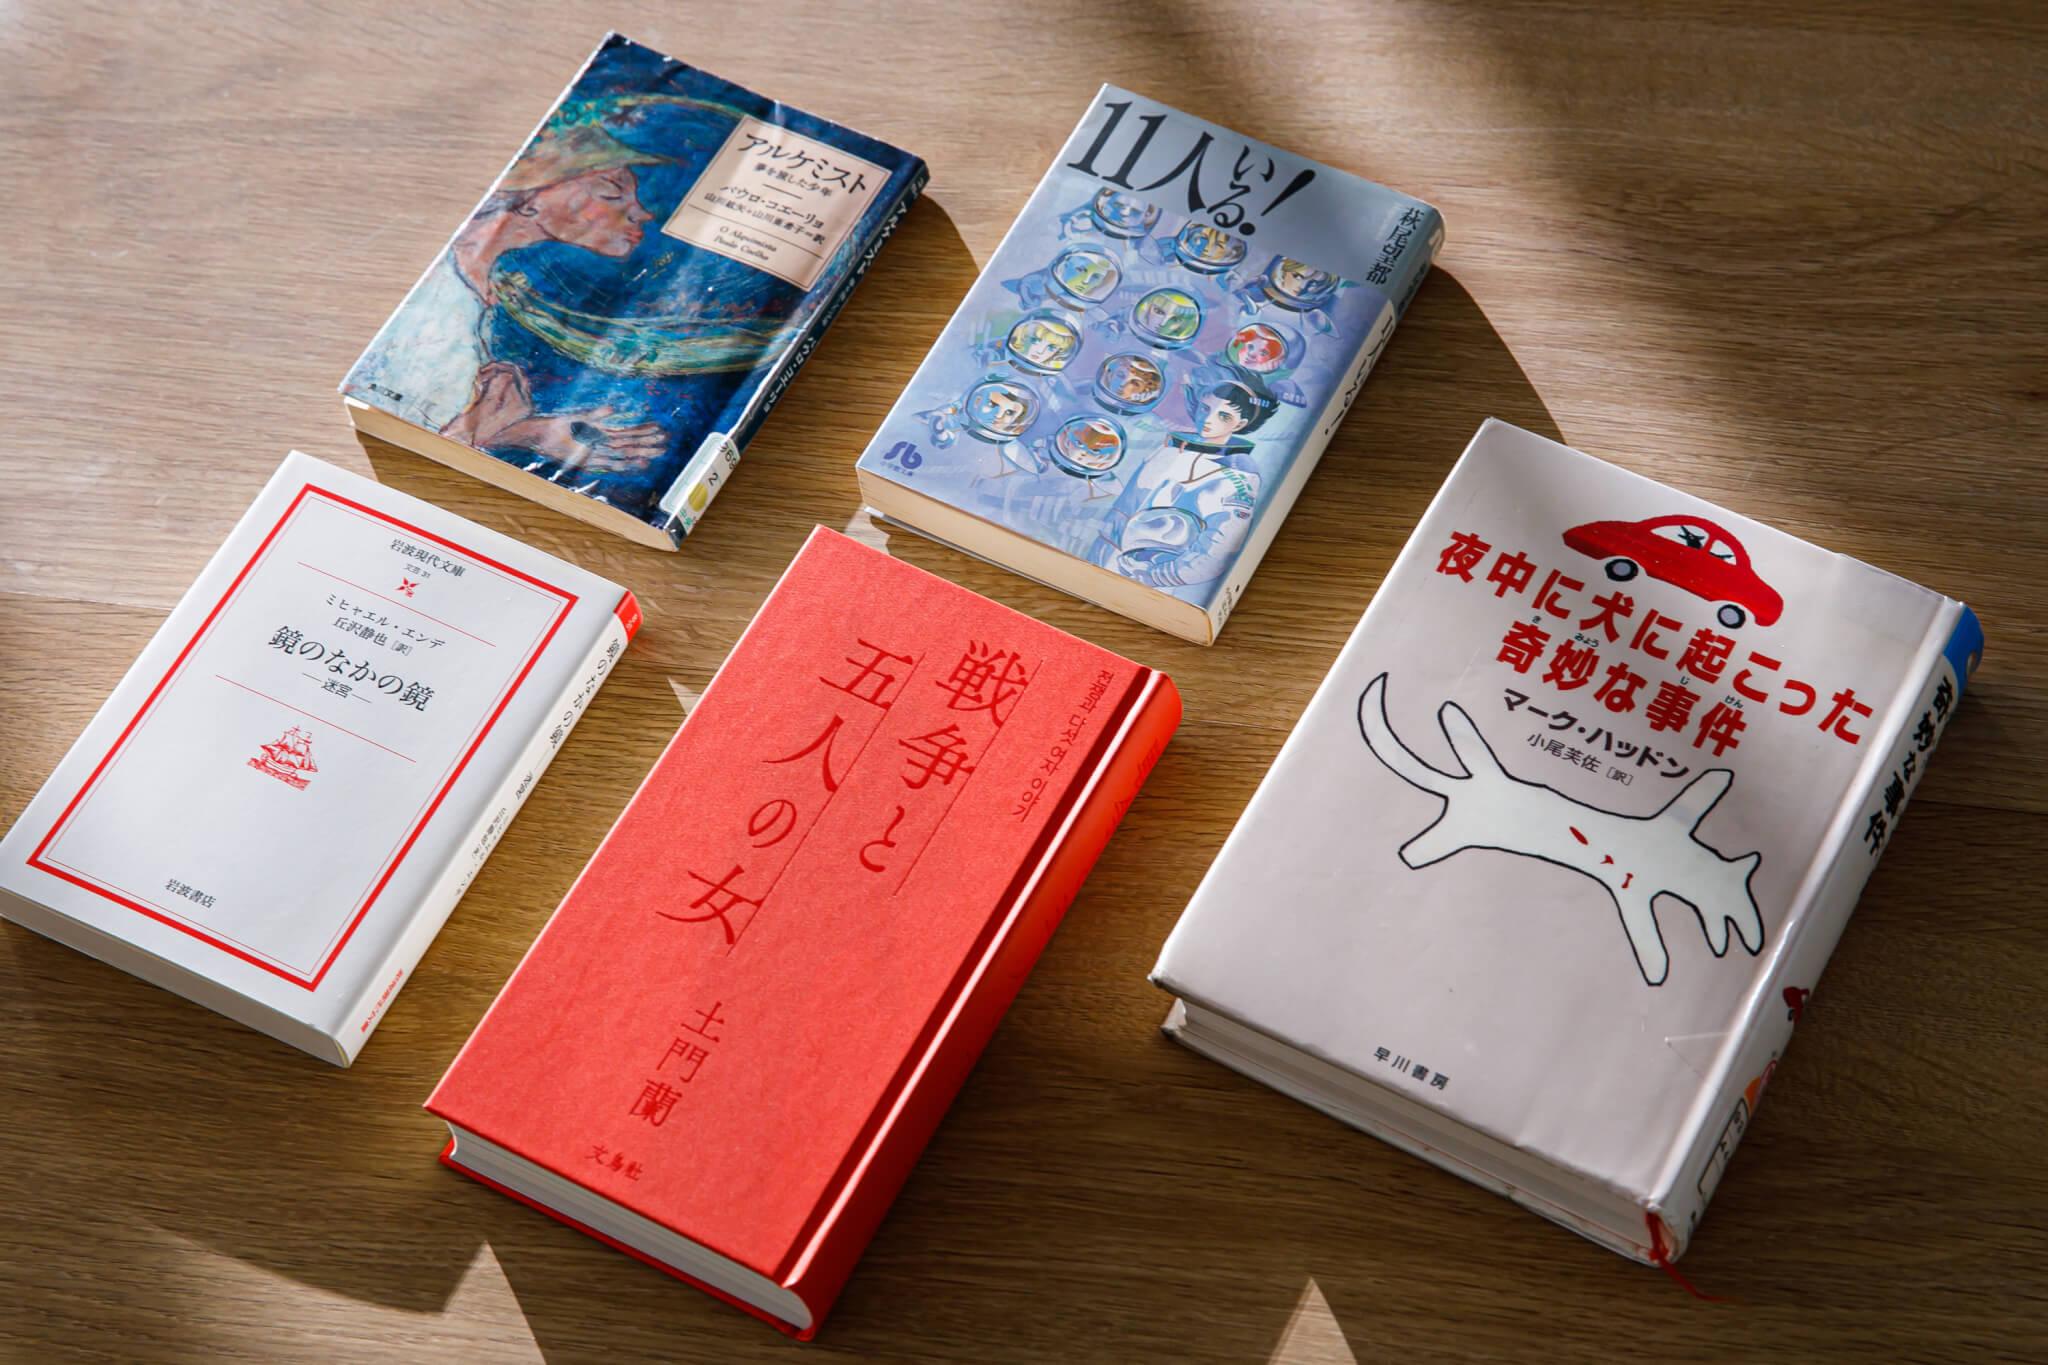 鷗来堂,栁下恭平,5冊の本